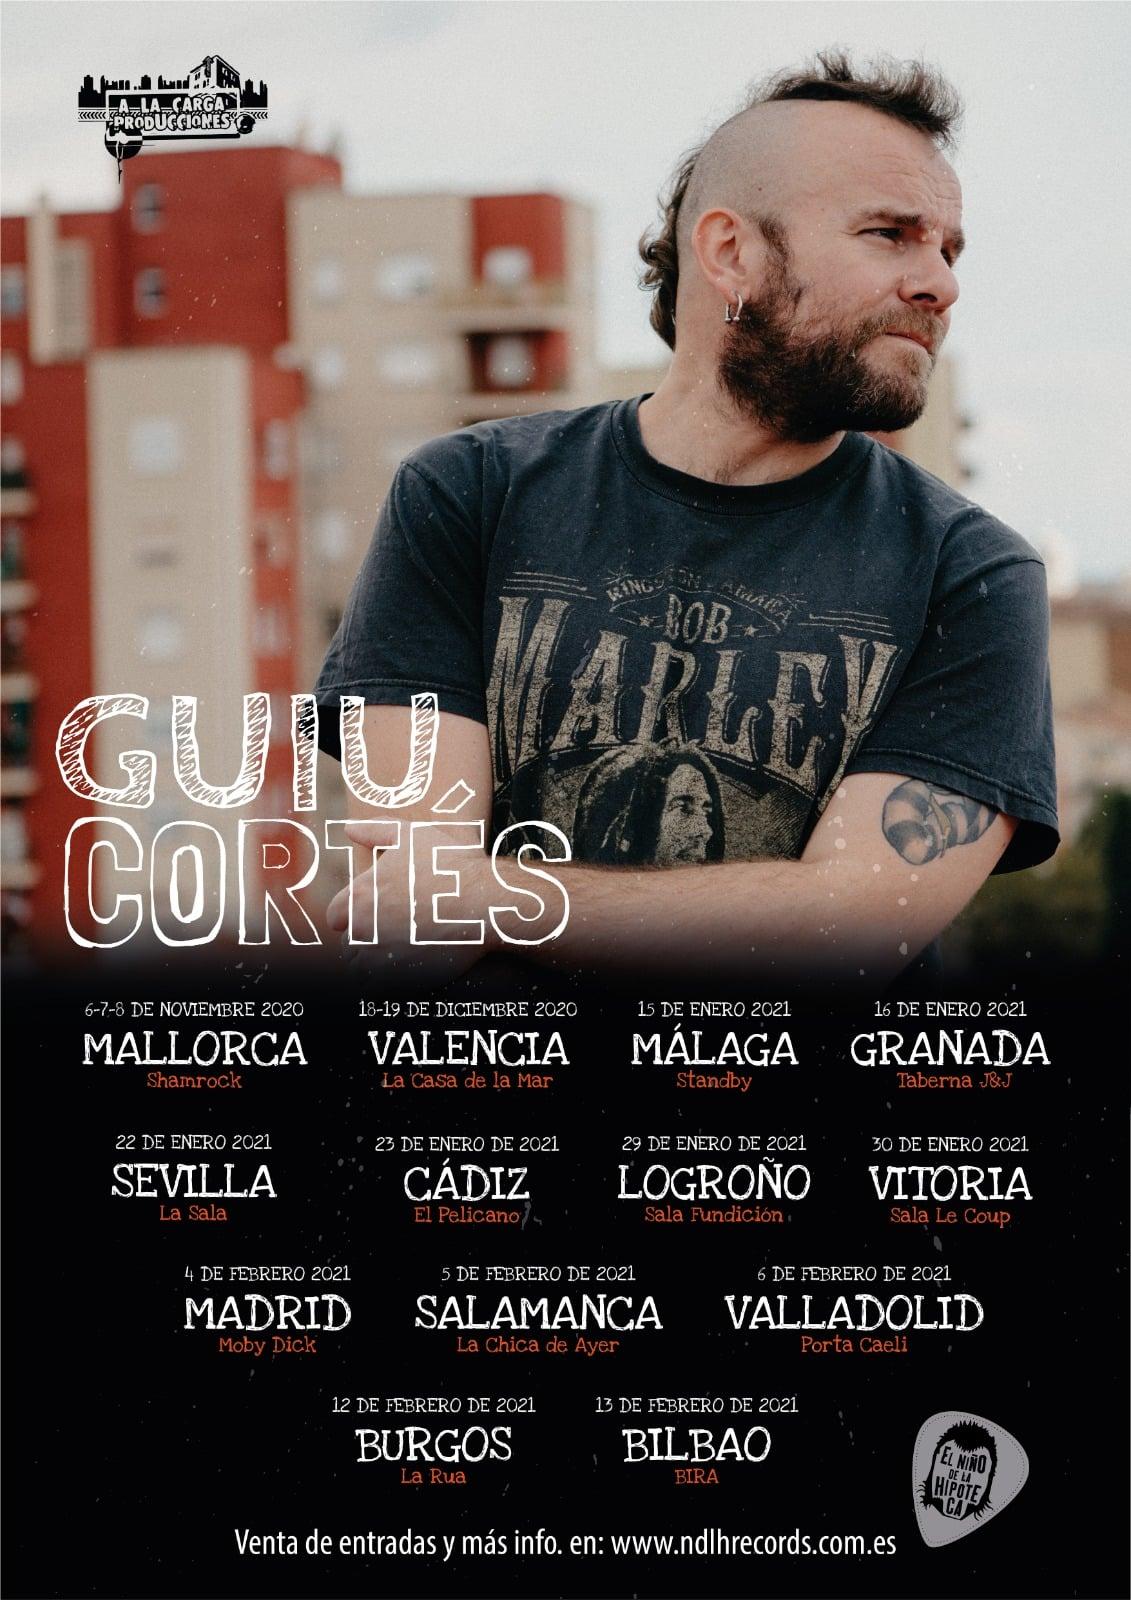 Guiu Cortés